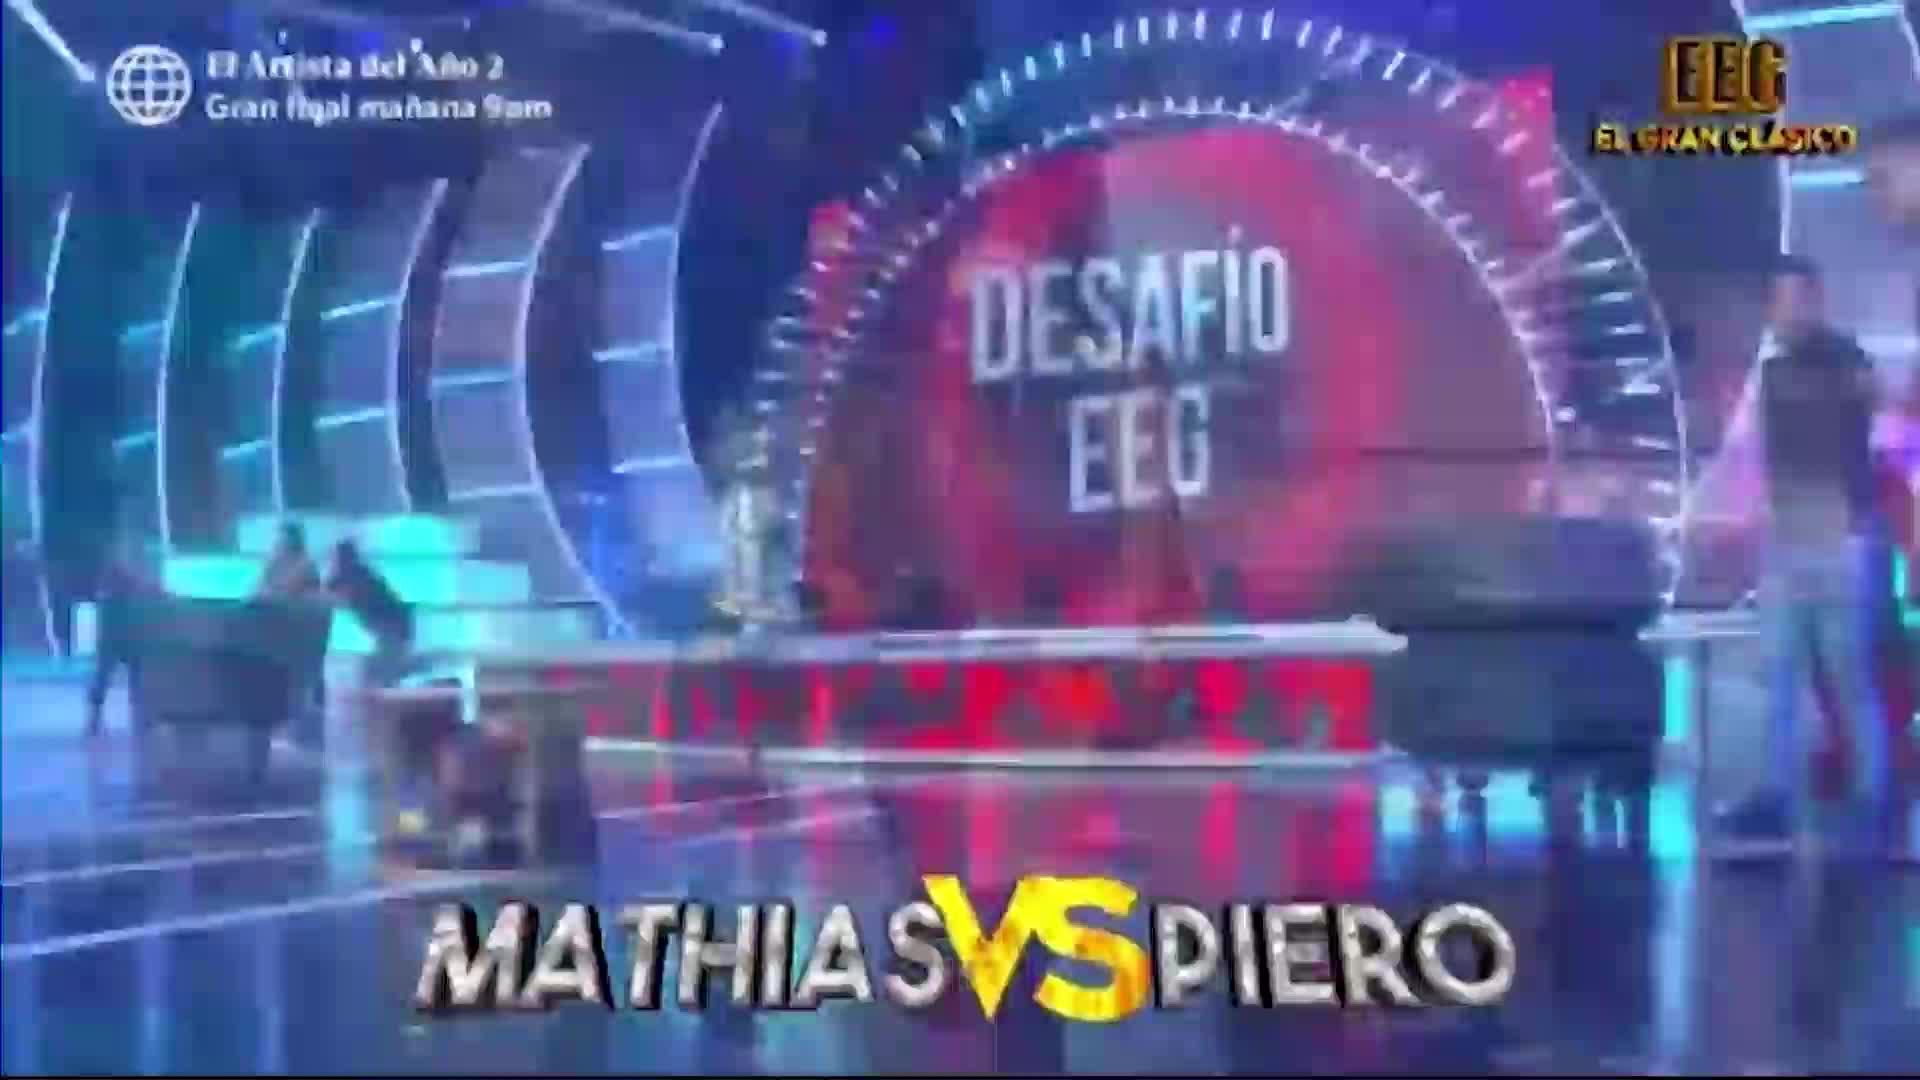 Esto es guerra: Gian Piero Díaz y Mathías Brivio se midieron en un 'Desafío EEG'